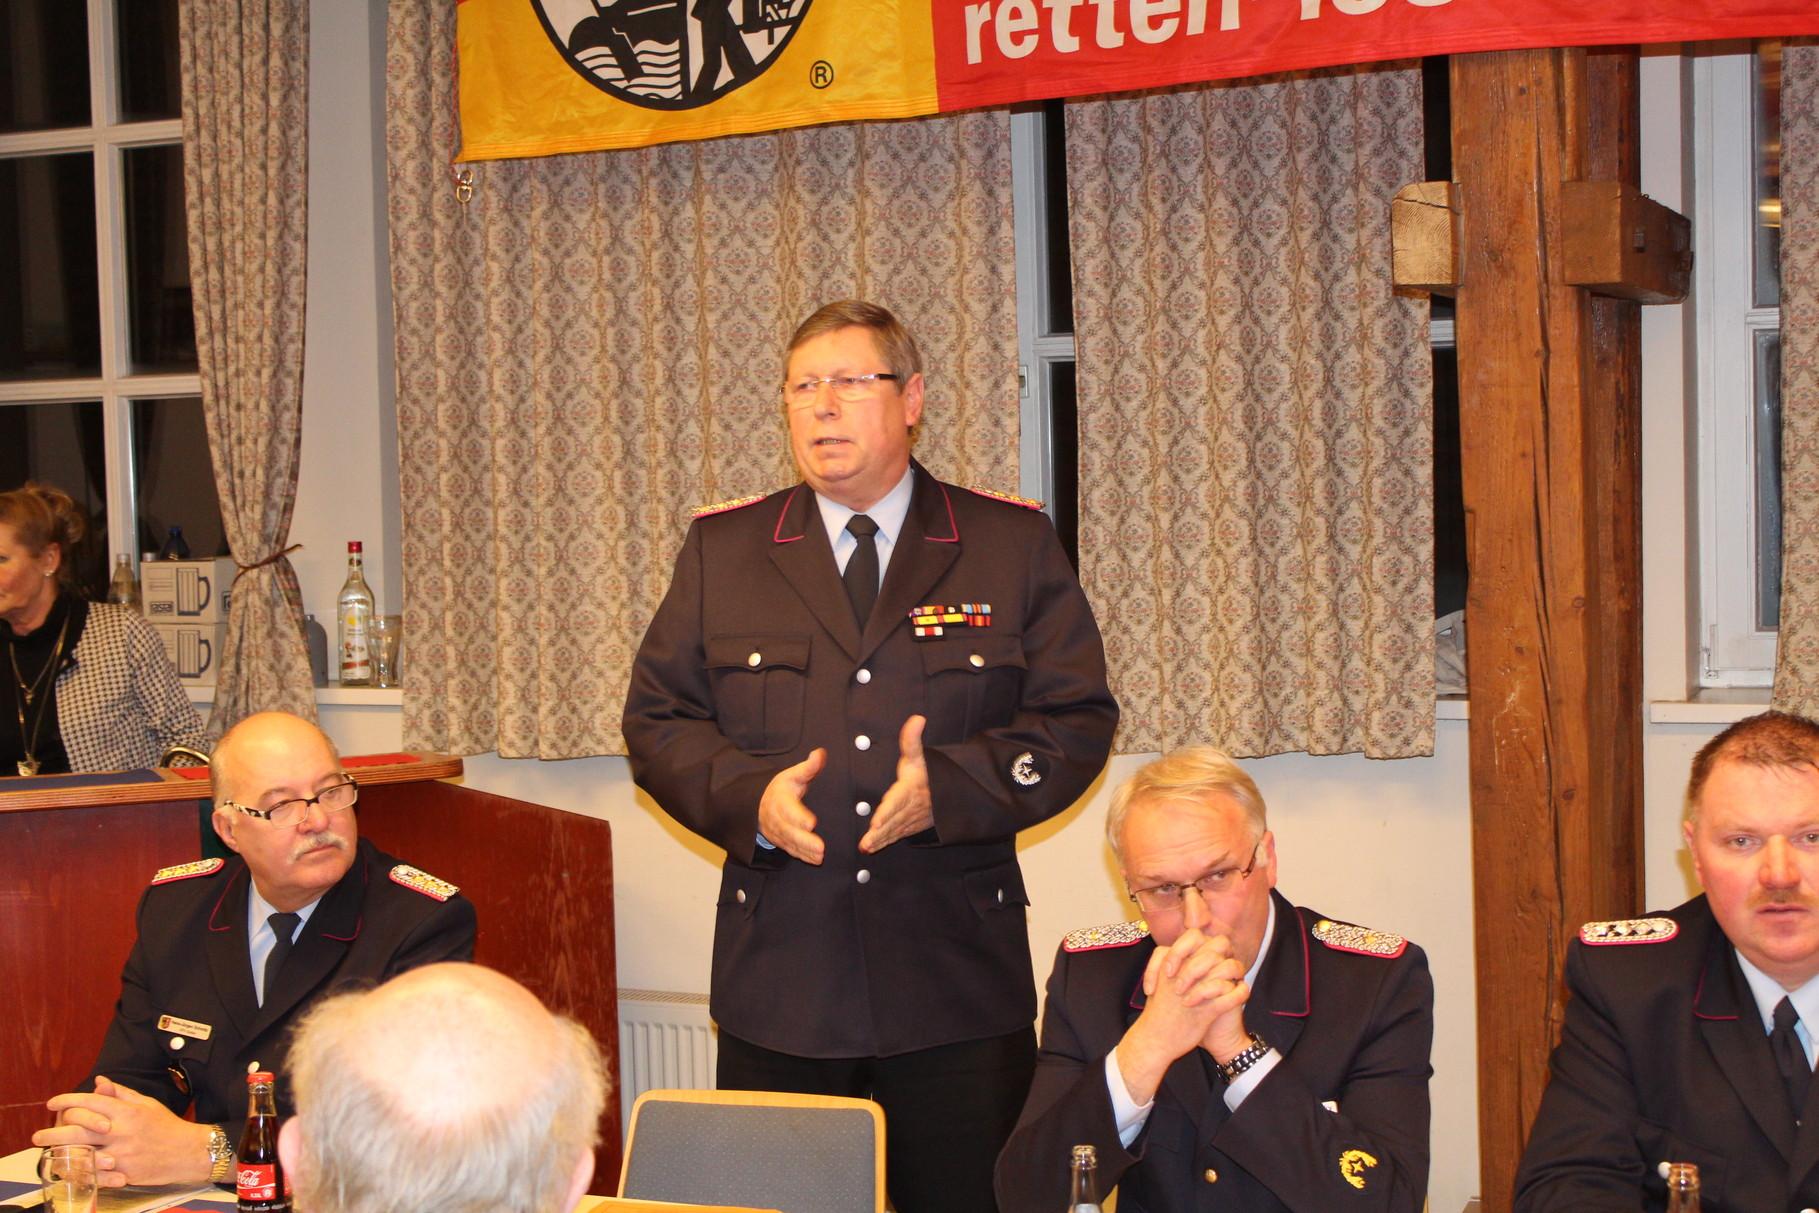 Stadtbrandmeister Goslar Herr Burkhardt Siebert